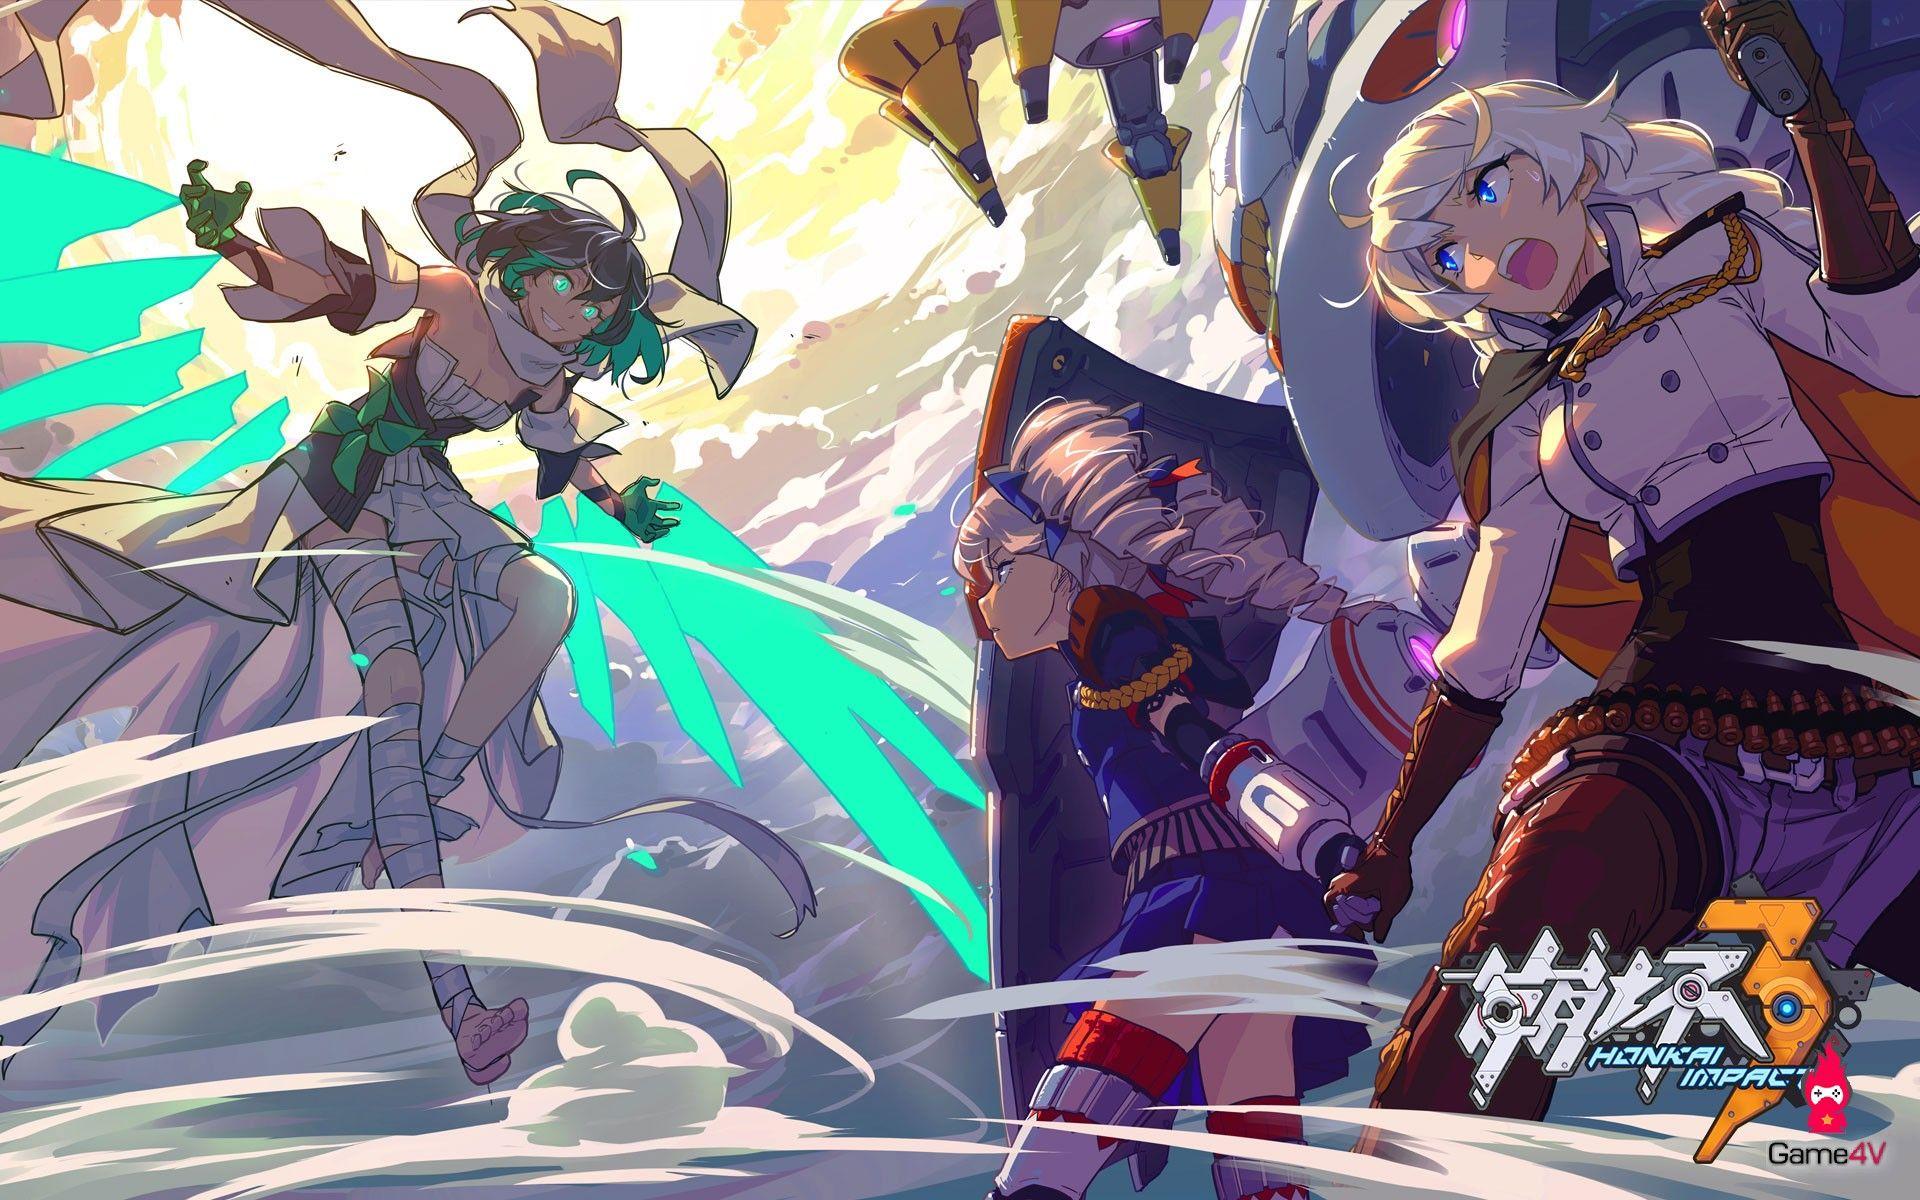 Kết quả hình ảnh cho honkai impact 3 Anime, Hình ảnh